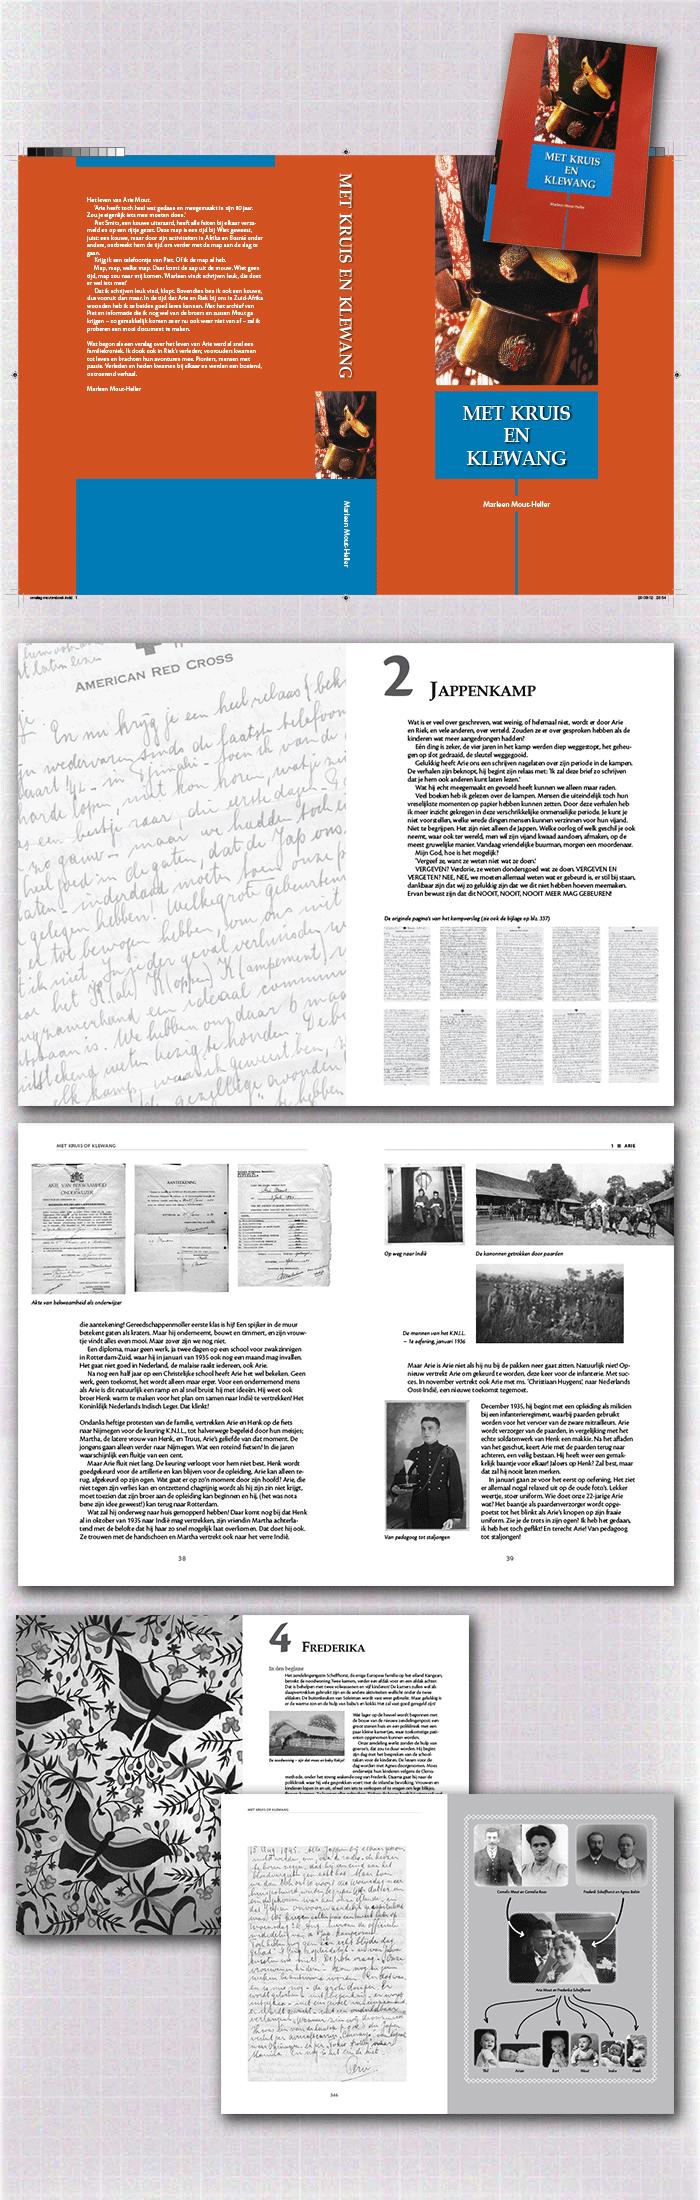 cover en spreads boek Met kruis en klewang, een voorbeeld van publiceren in eigen beheer